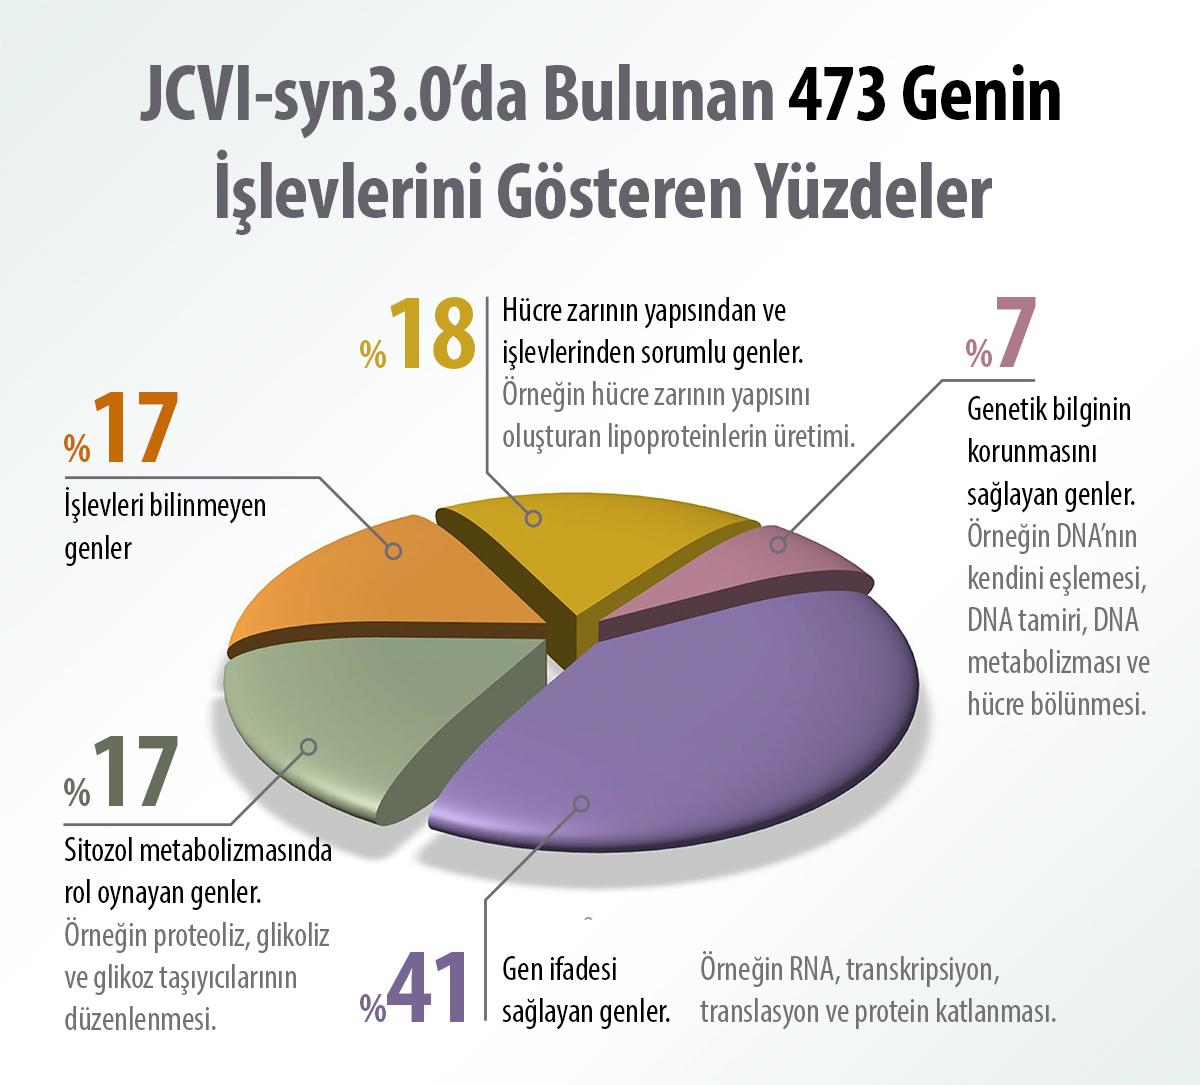 JCVI-syn3.0'da bulunan 473 genin işlevleri